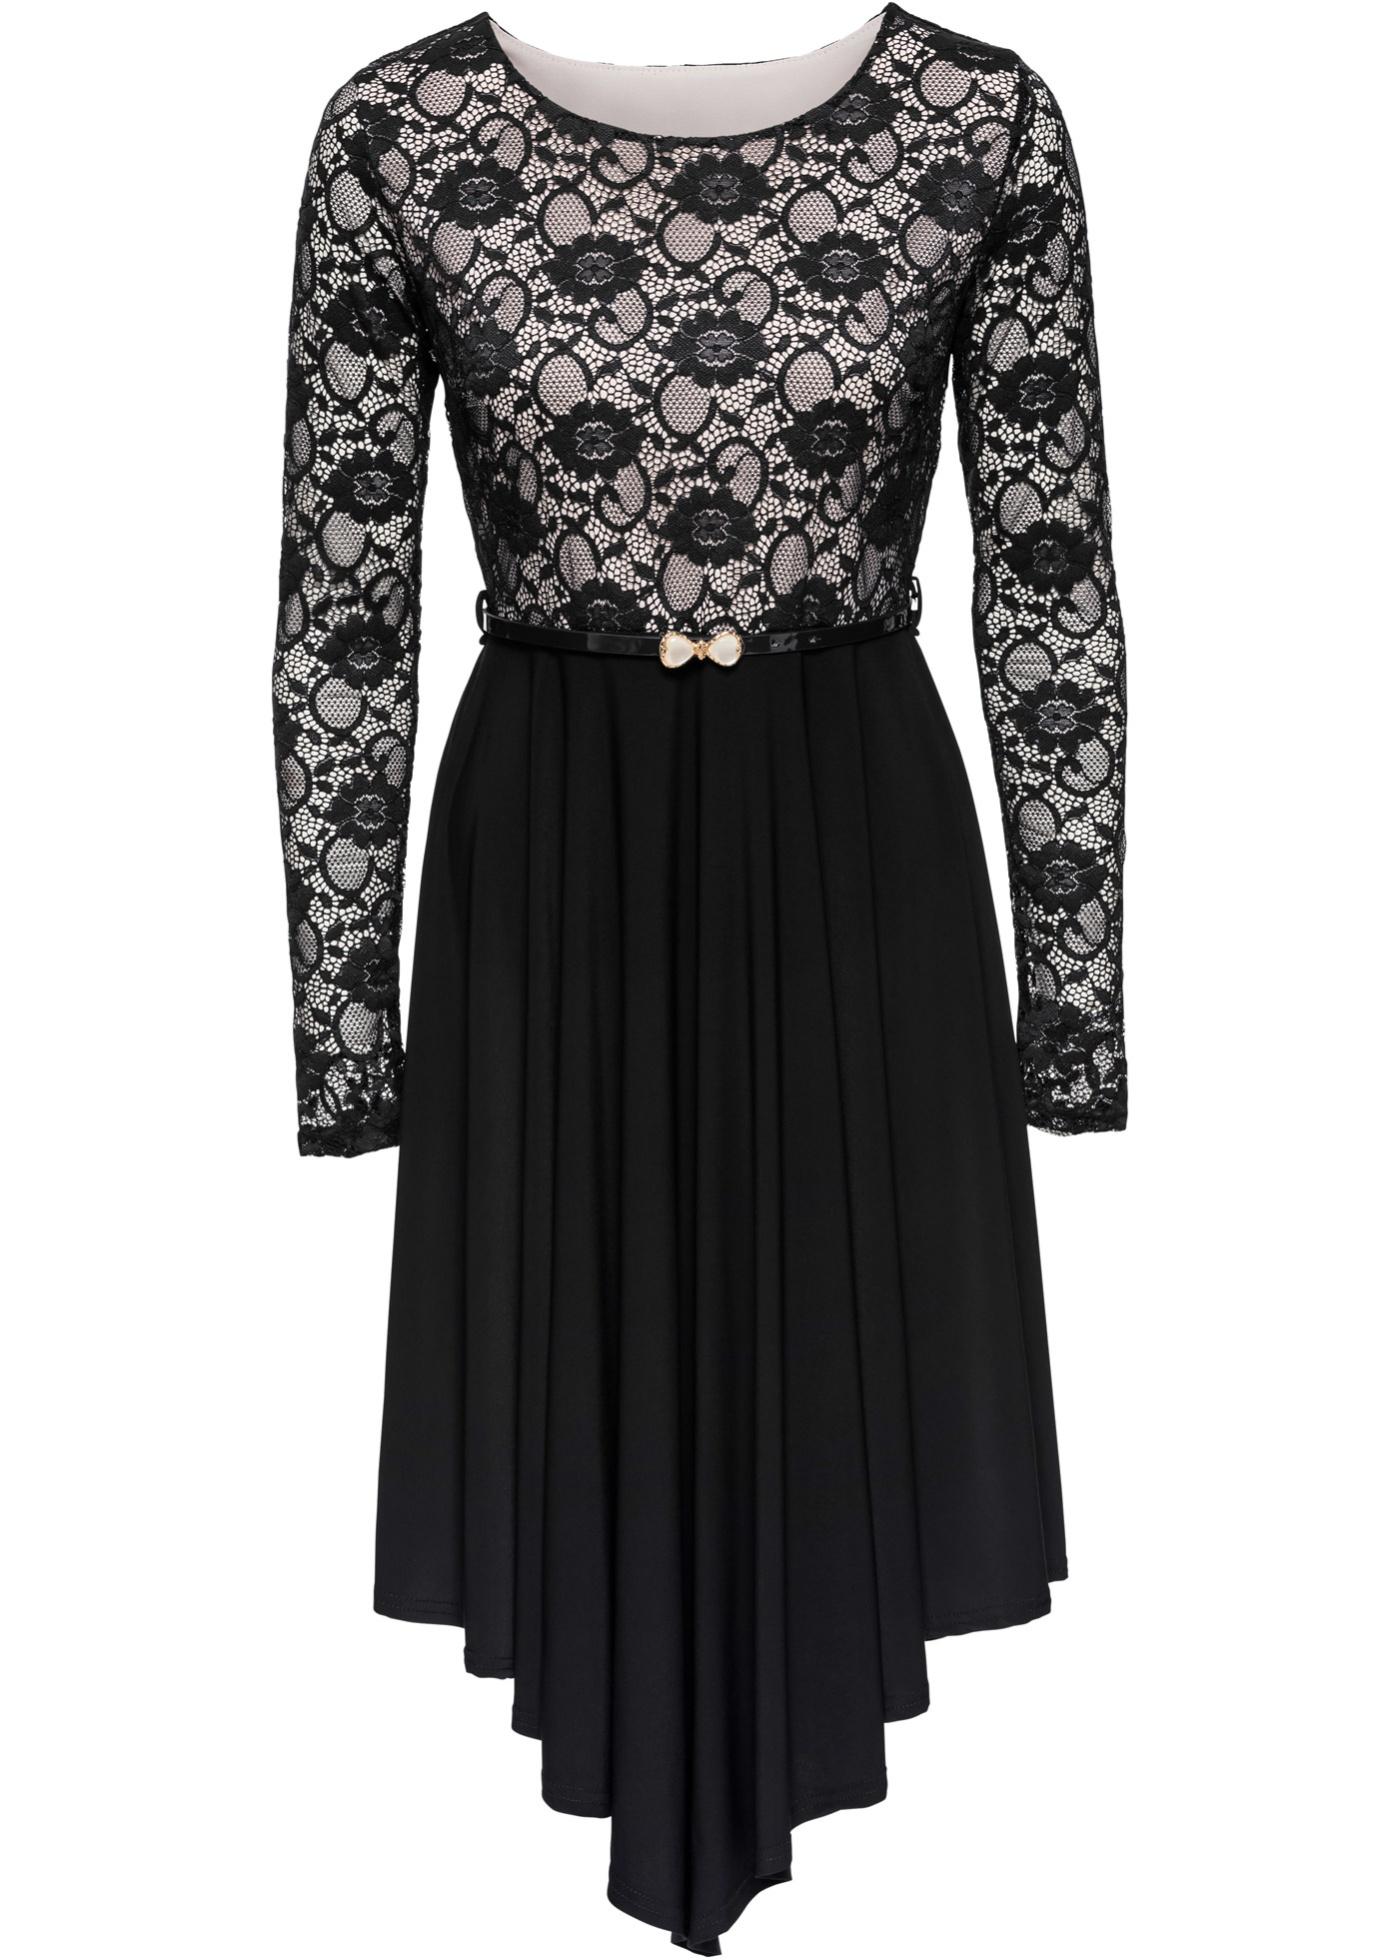 Kleid mit Spitze  Kleid spitze, Kleider und Langärmelige kleider